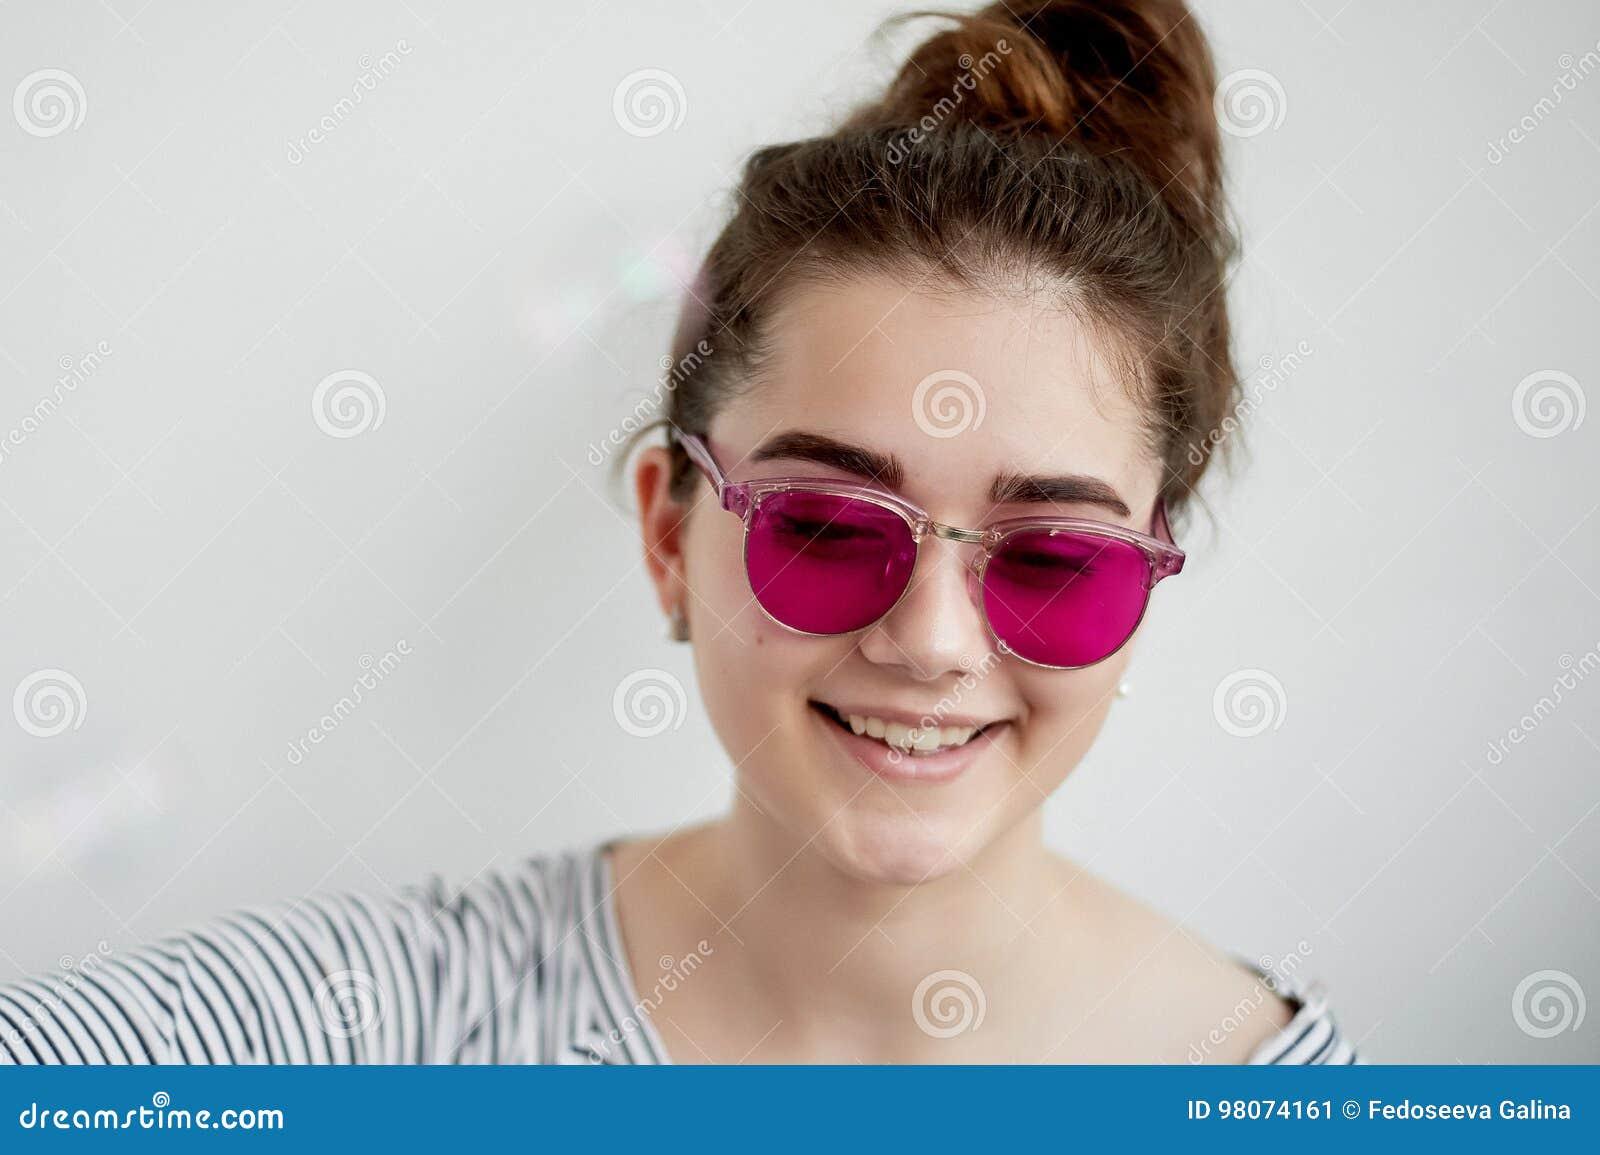 Het meisje glimlacht gelukkig in de roze glazen Een naïeve mening van de wereld in de overgang naar volwassenheid